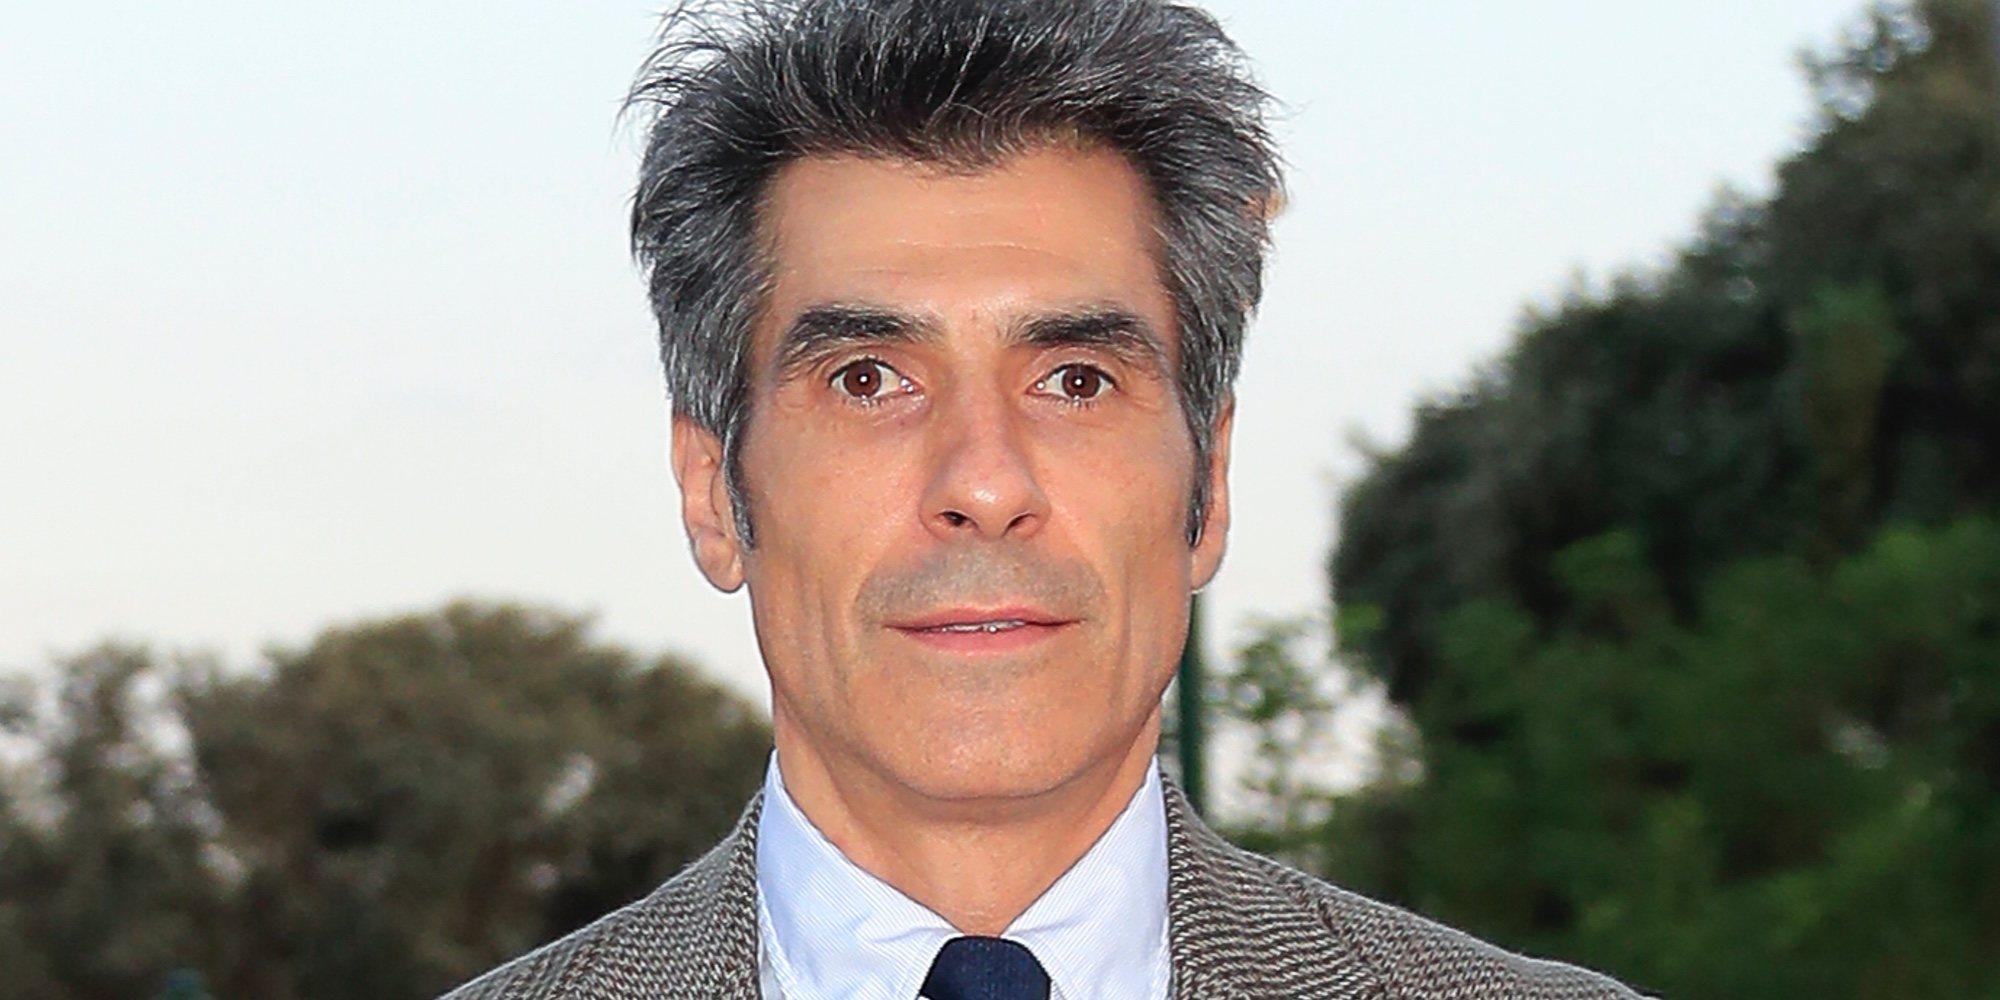 """Jorge Fernández, sobre los paparazzi: """"A ver si la prensa del corazón desaparece de una puta vez"""""""